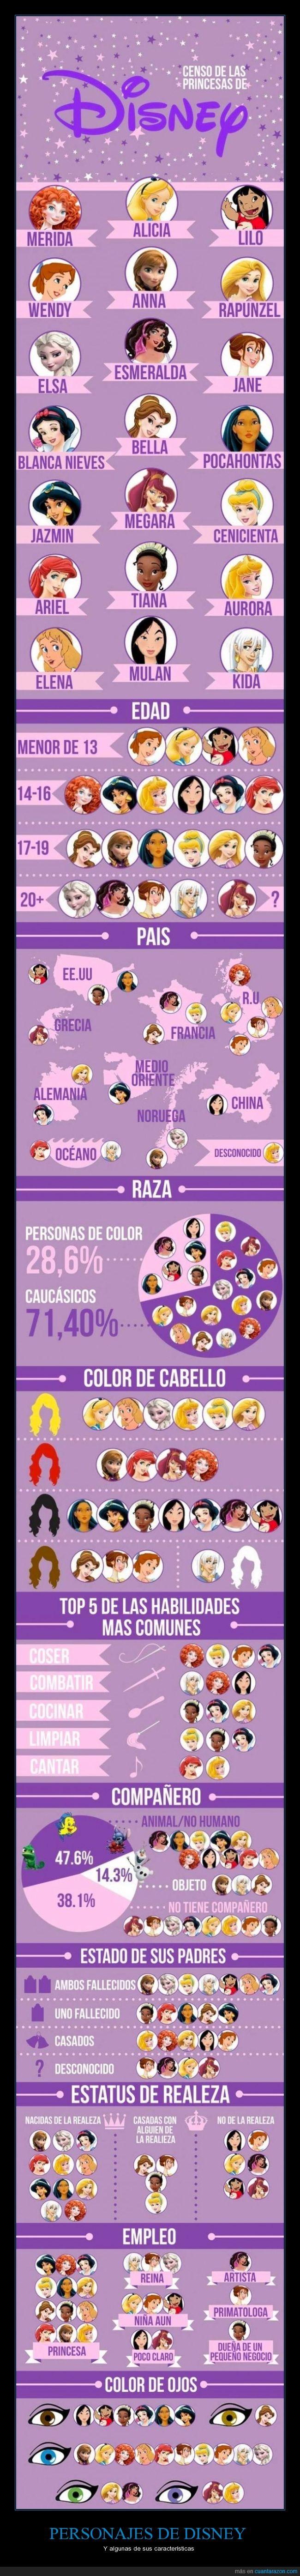 Caracteristicas,Disney,Información,Mujeres,Personajes,Princesas